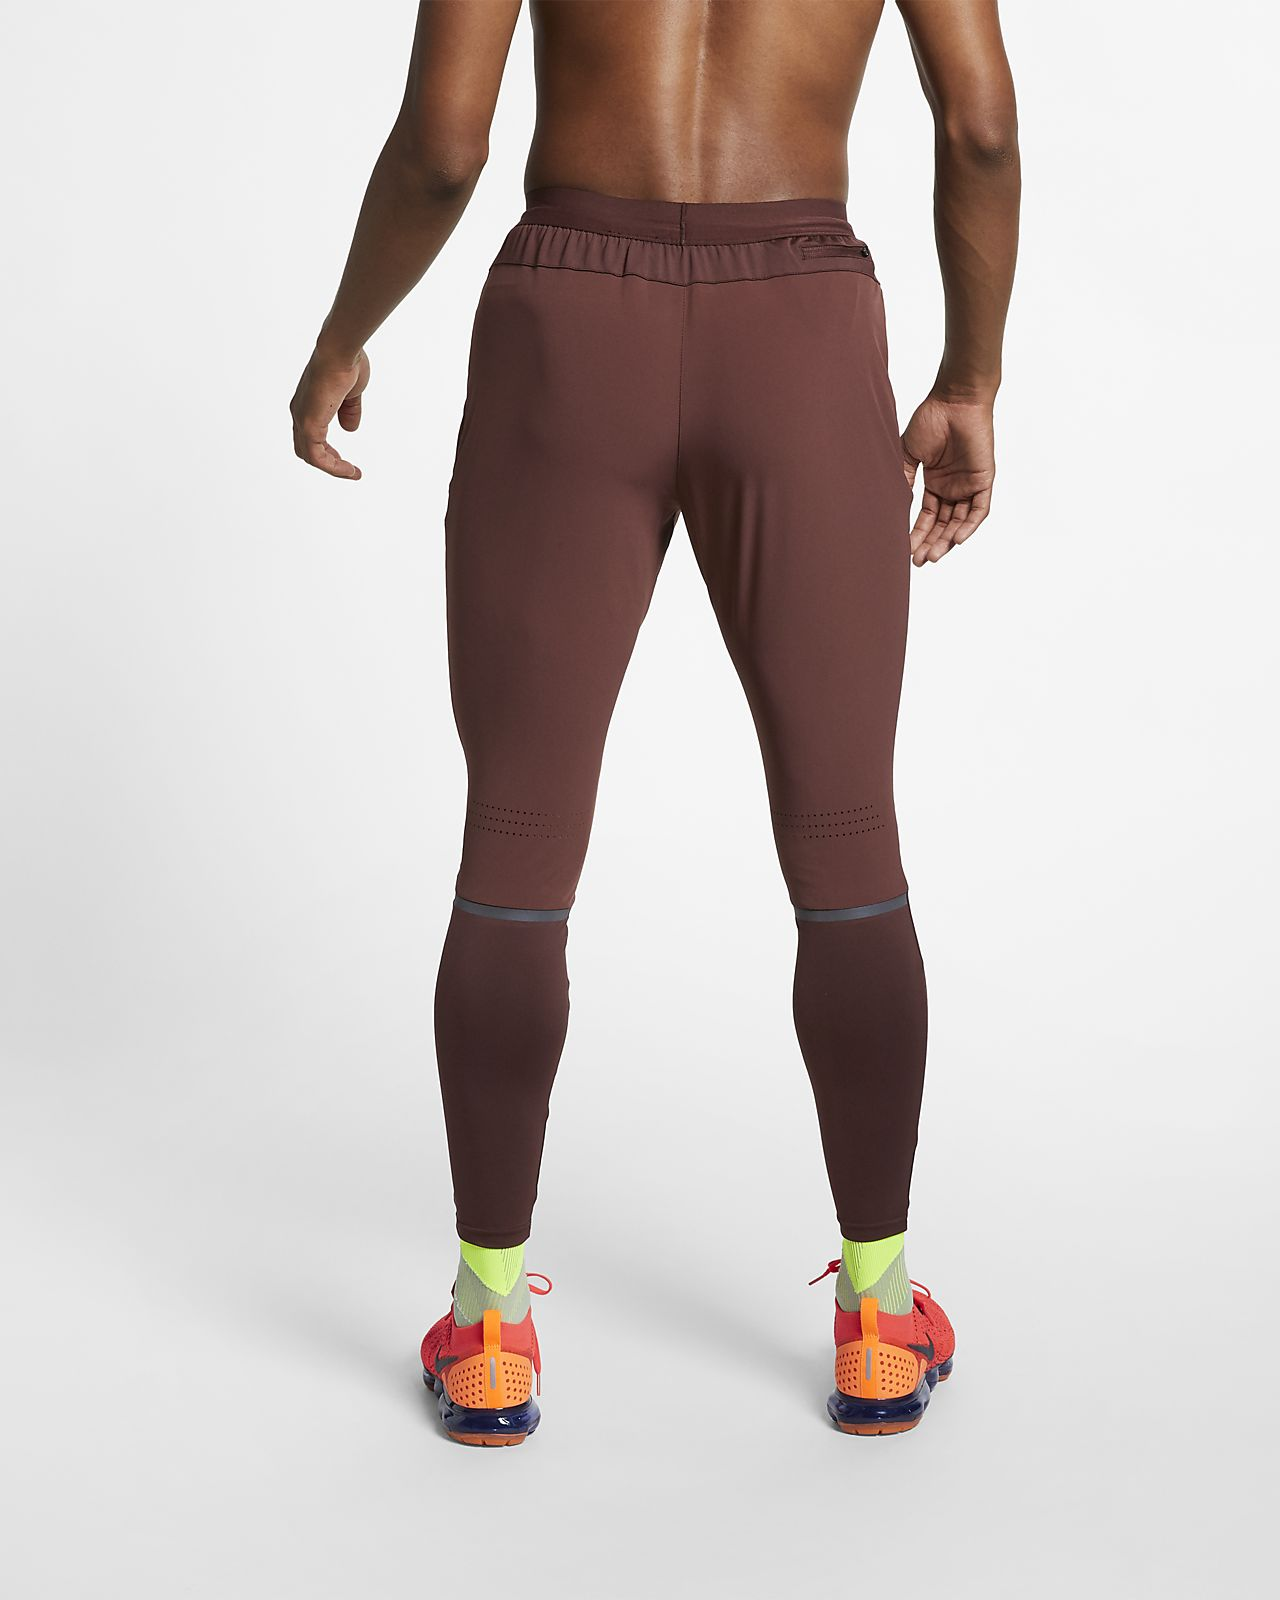 b9965c3dee47 Low Resolution Nike Swift Men s Running Trousers Nike Swift Men s Running  Trousers